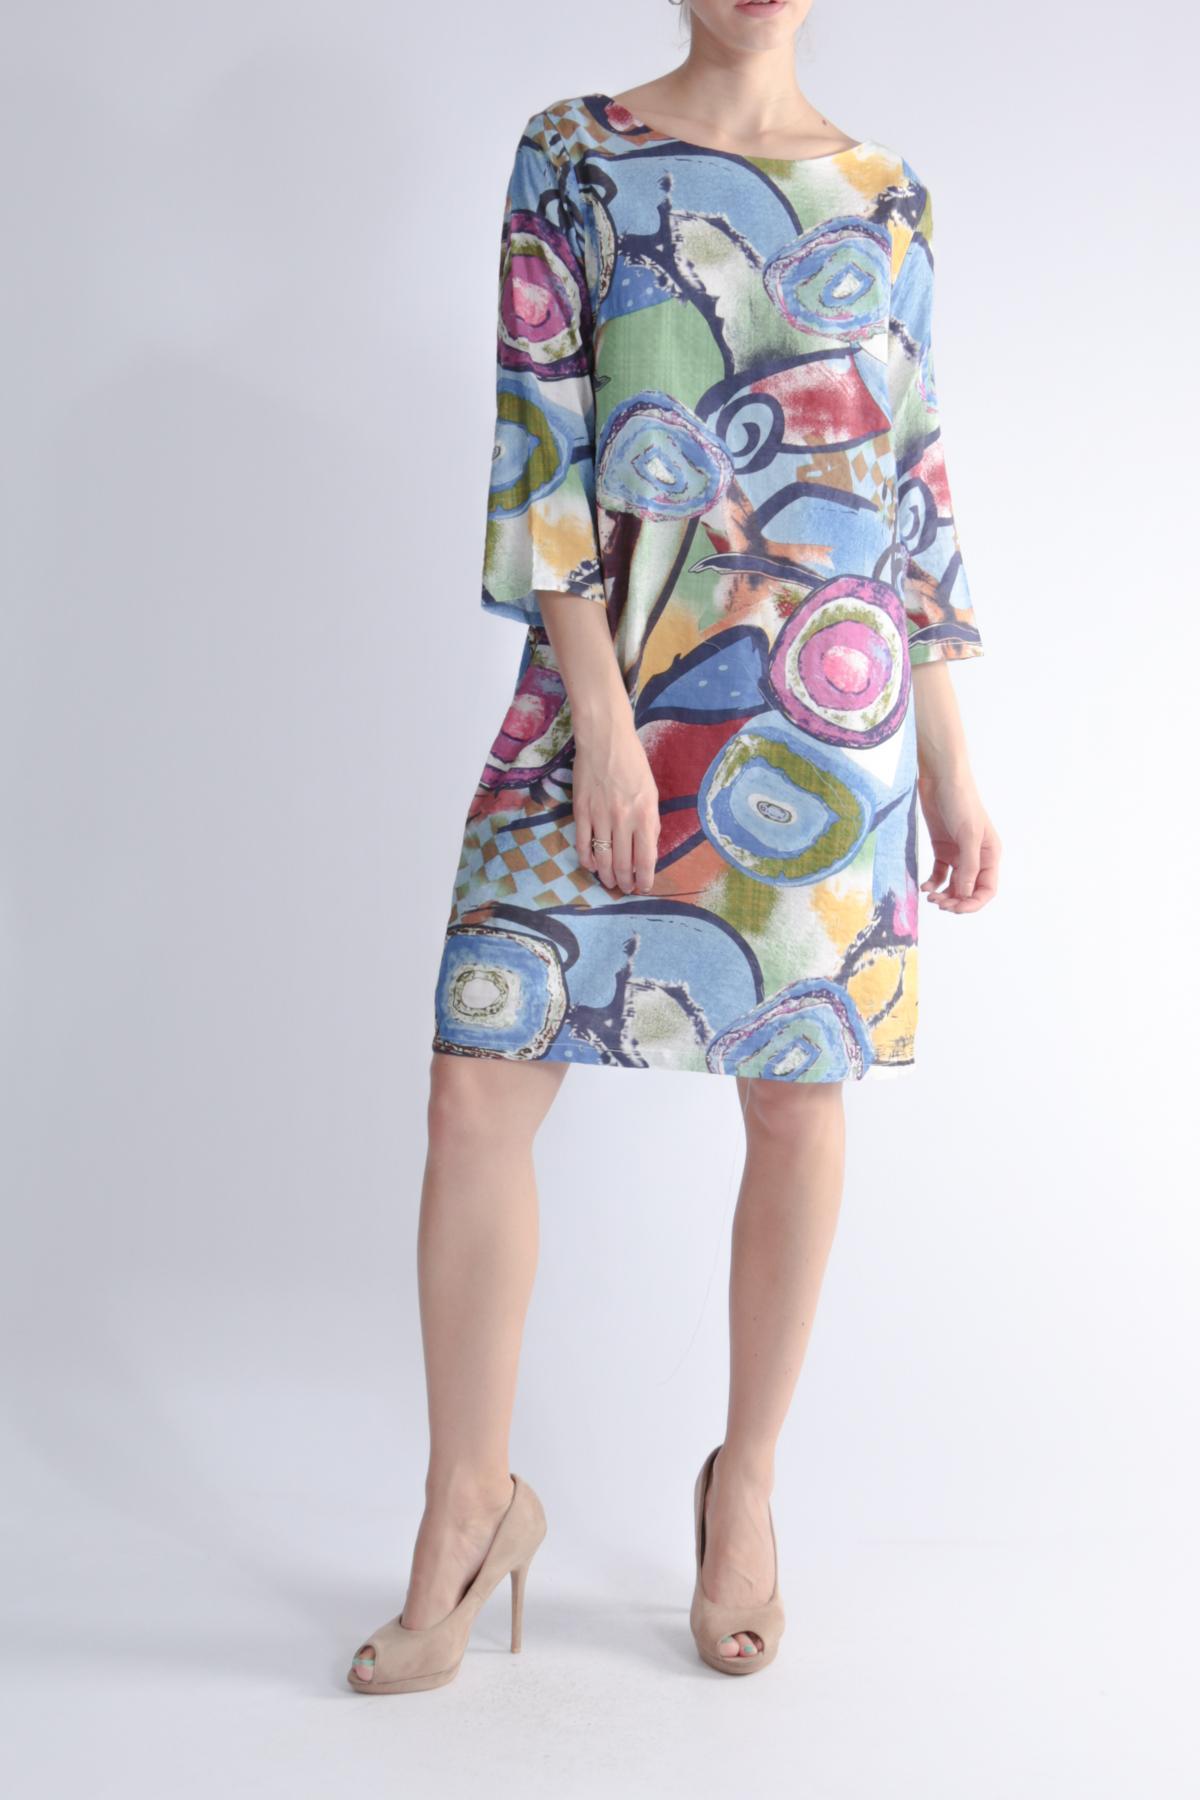 Robes courtes Femme Bleu For Her Paris (SHINIE) 8620 #c eFashion Paris